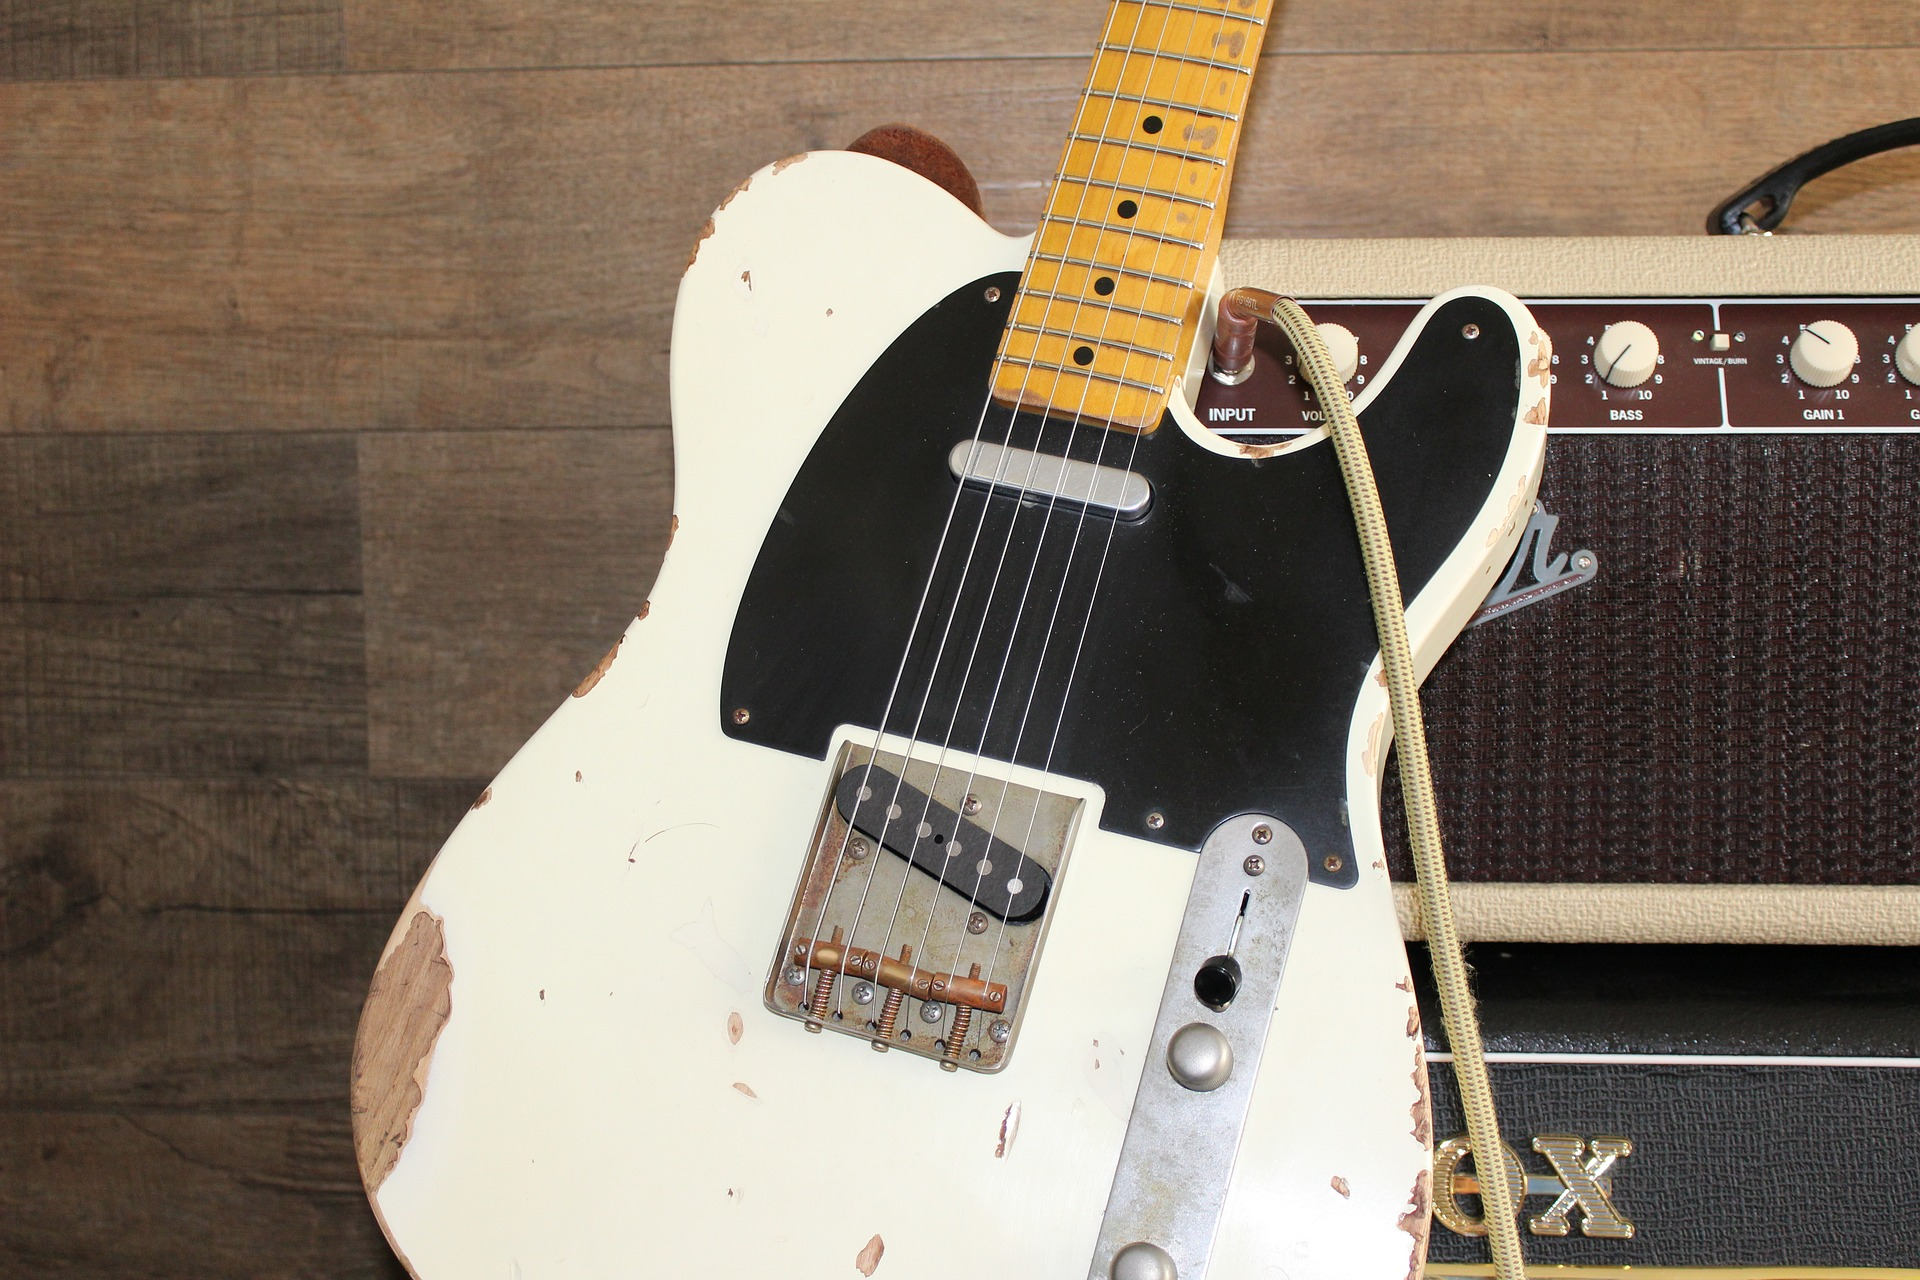 http://kouraininjins.info/images/guitar-1858123_1920.jpg